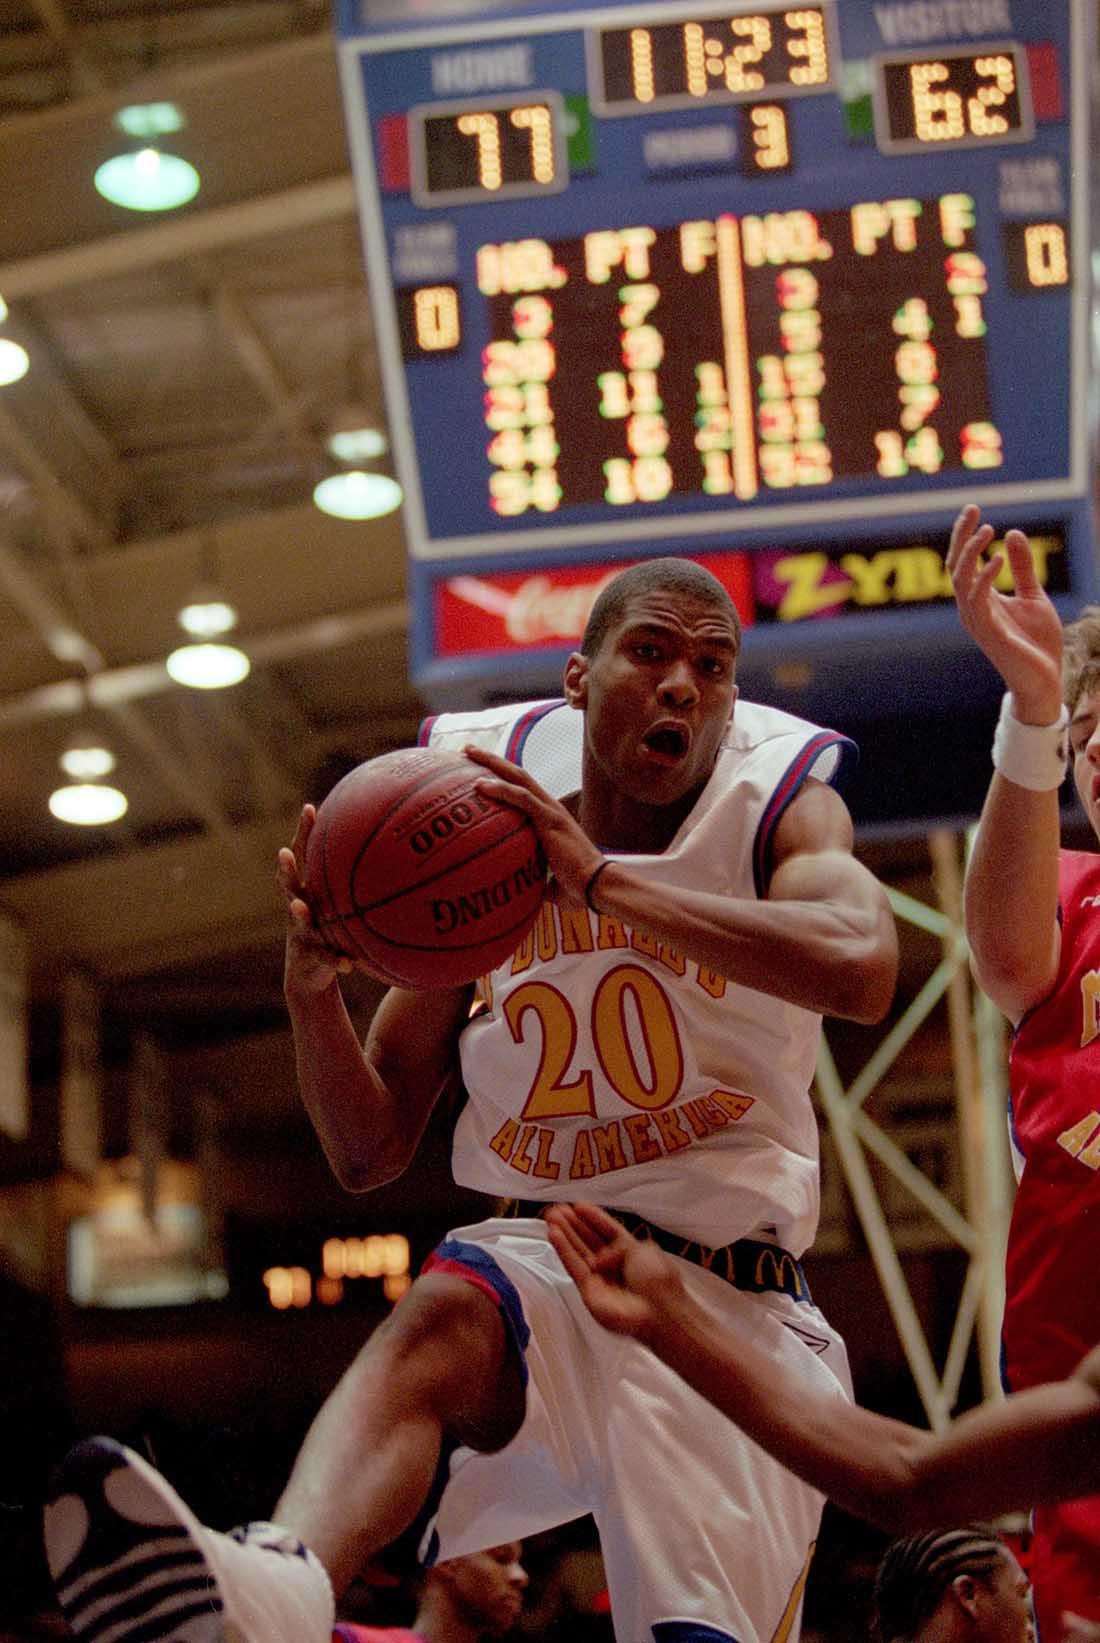 James White #20 en viva basquet